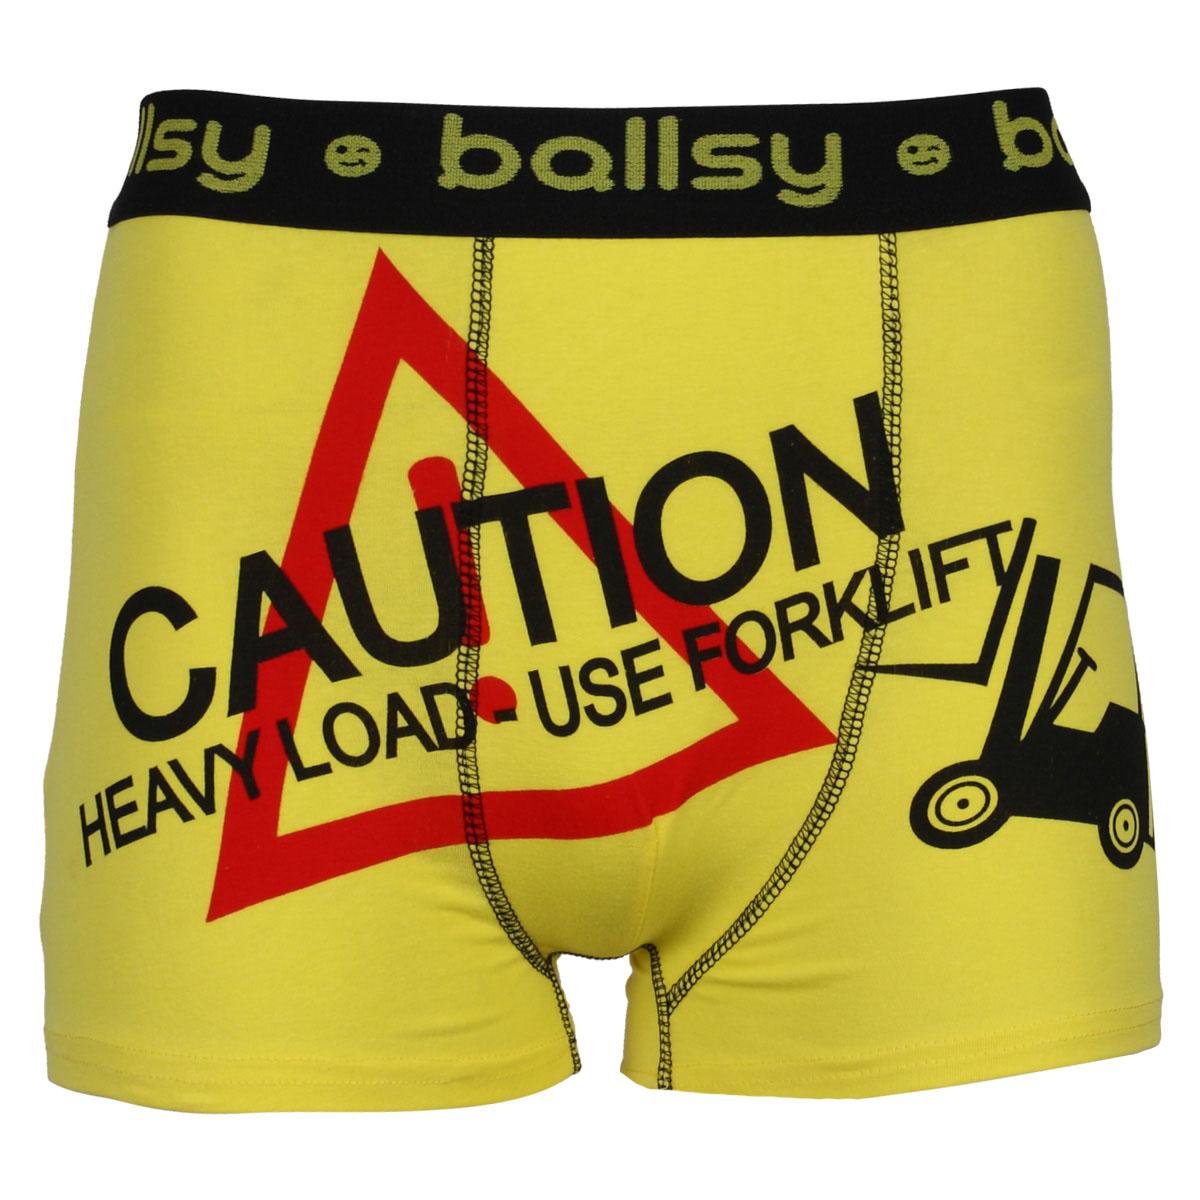 MENS BALLSY DESIGNER SHORTS RUDE FUNNY EXPLICIT NOVELTY UNDERWEAR ...